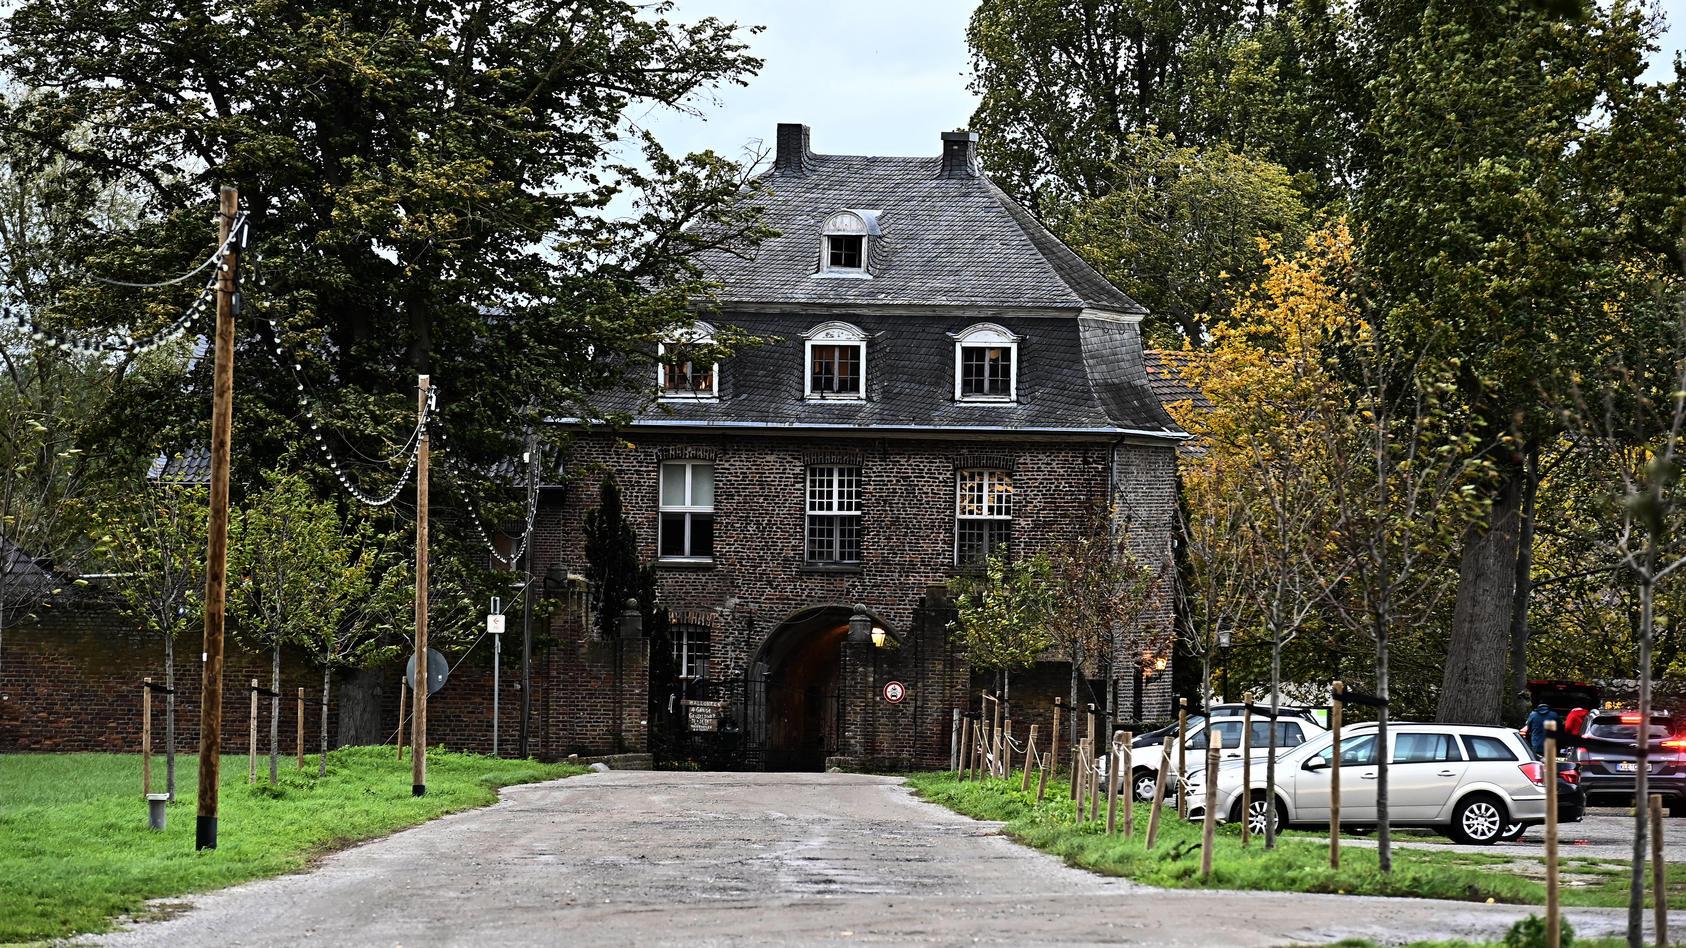 Die Sekte soll eine Event-Location auf dem Gelände eines ehemaligen Klosters betrieben haben.